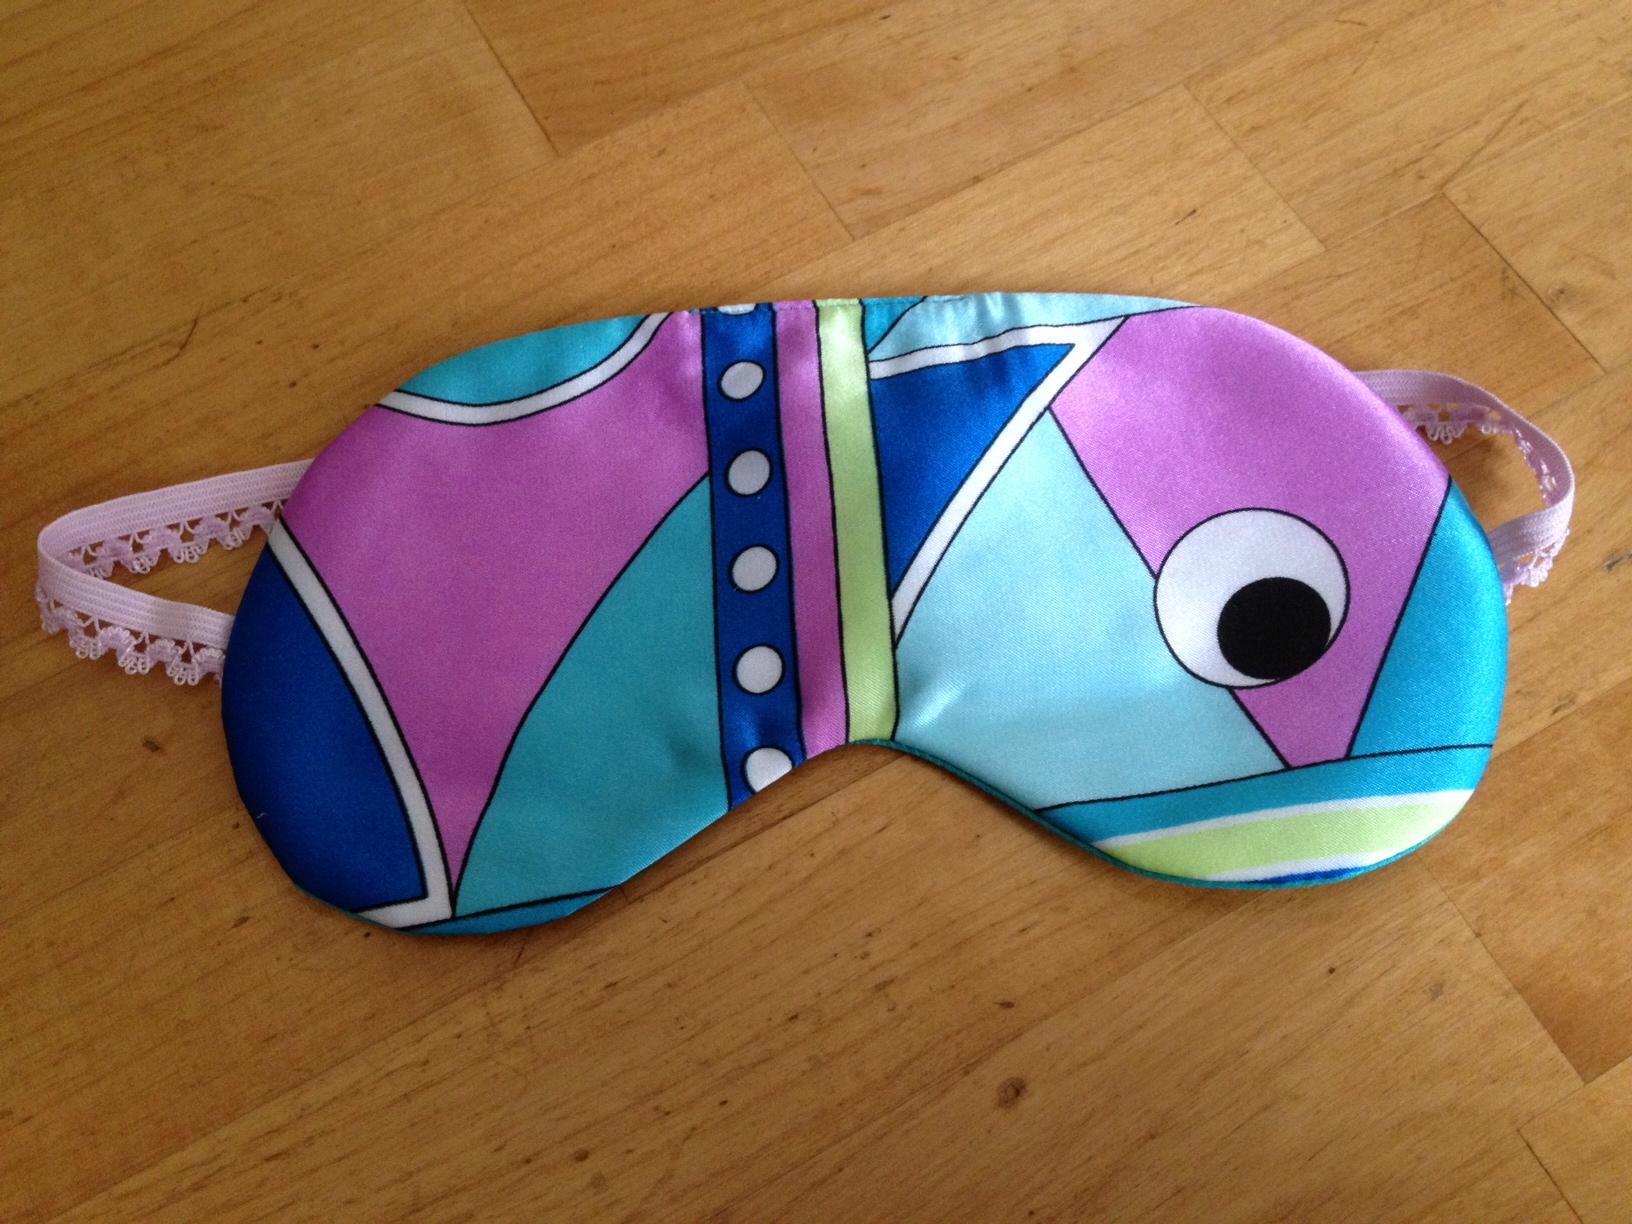 Cris Notti sleep mask